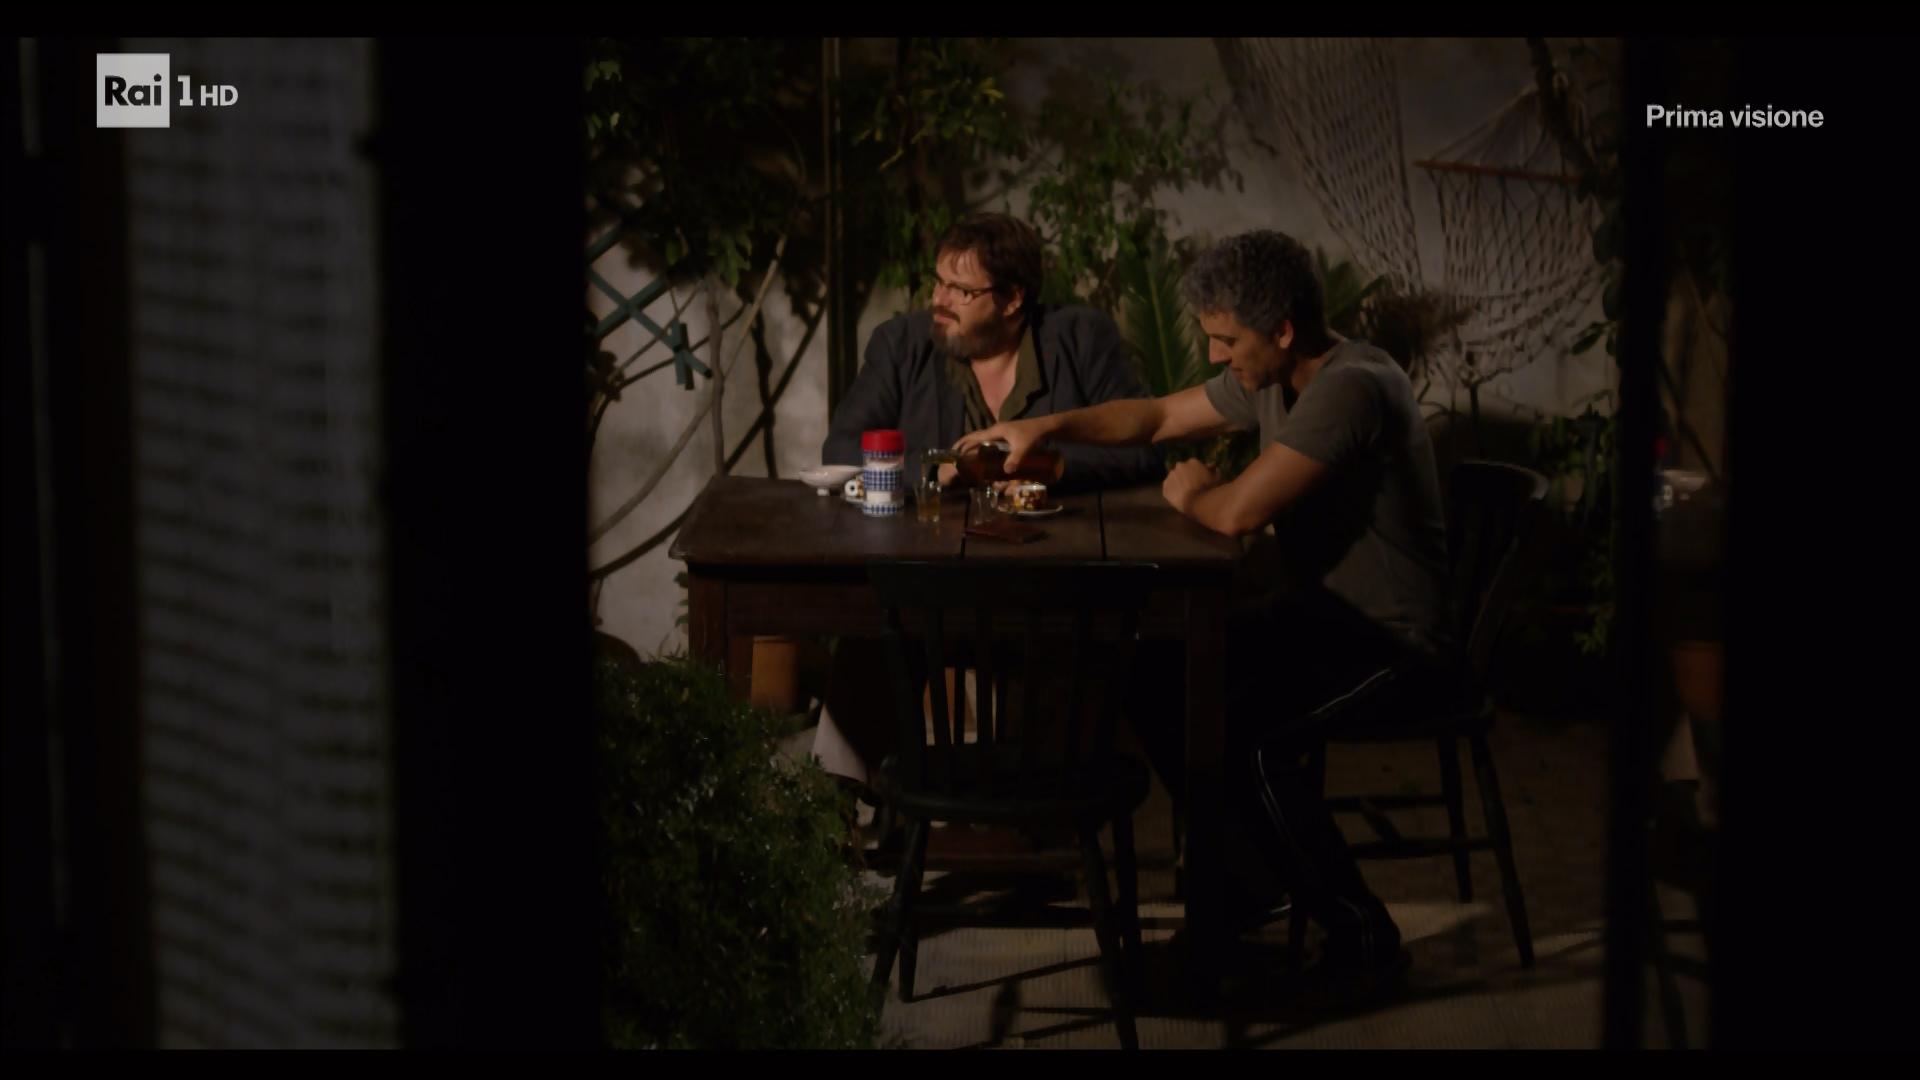 I Fantasmi Di Portopalo - Miniserie (2017) [Completa] .mkv HDTV 1080i x264 AC3 ITA Snapshot_01_23_11_2017_02_21_00_00_51